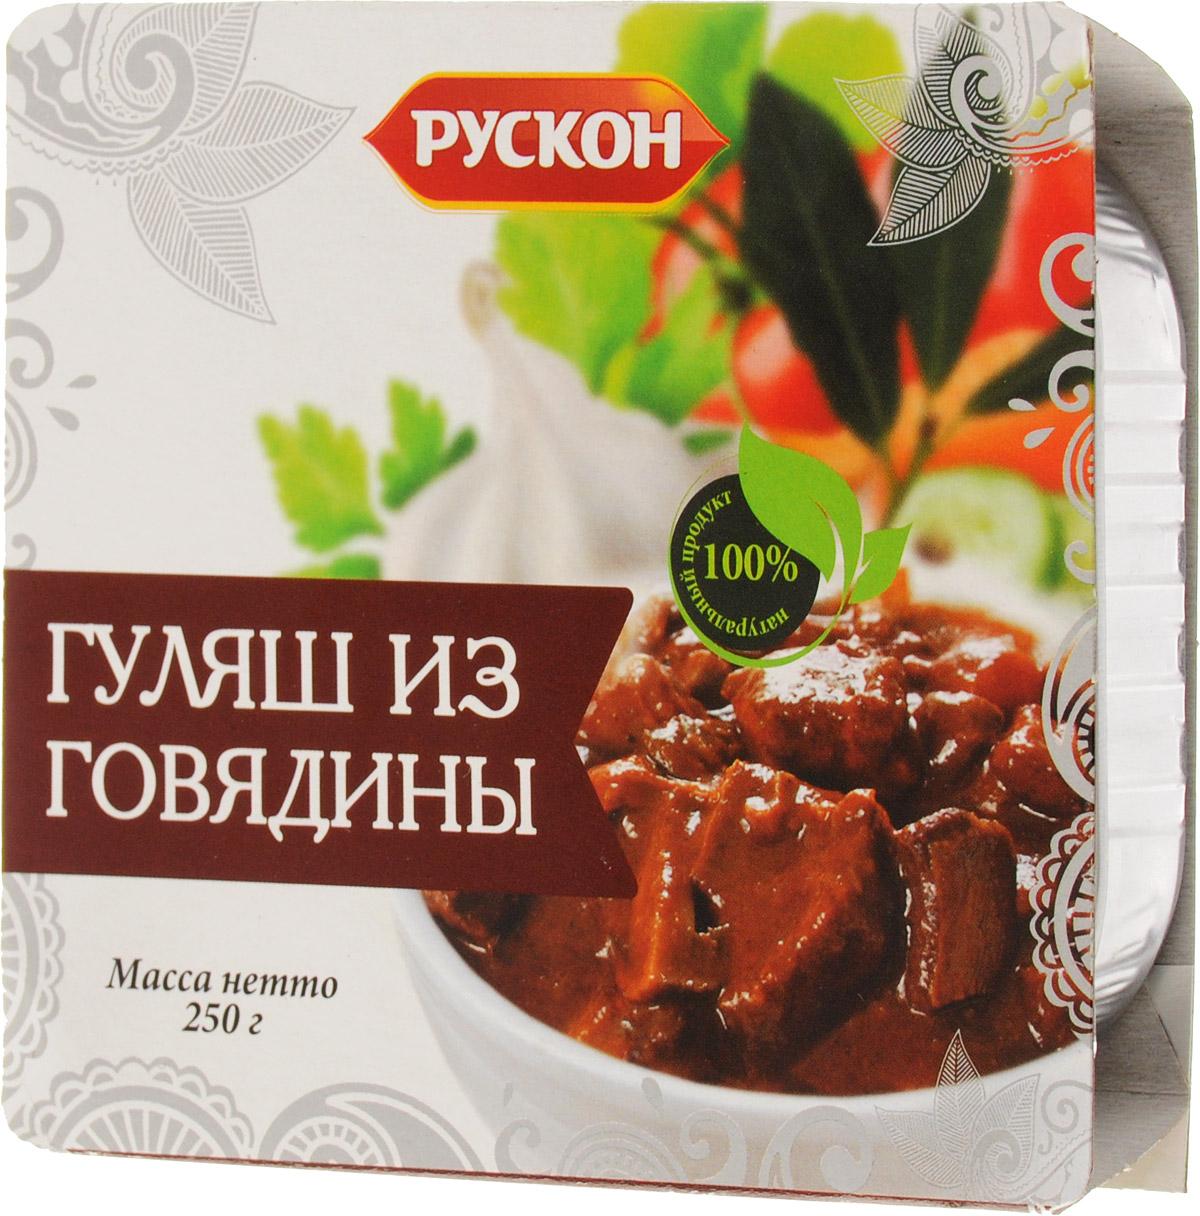 Рускон гуляш из говядины, 250 г5348Гуляш из говядины Рускон - мясные, кусковые консервы. 100% натуральный продукт. Не содержит ГМО! Без консервантов, без сои.Уважаемые клиенты! Обращаем ваше внимание, что полный перечень состава продукта представлен на дополнительном изображении.